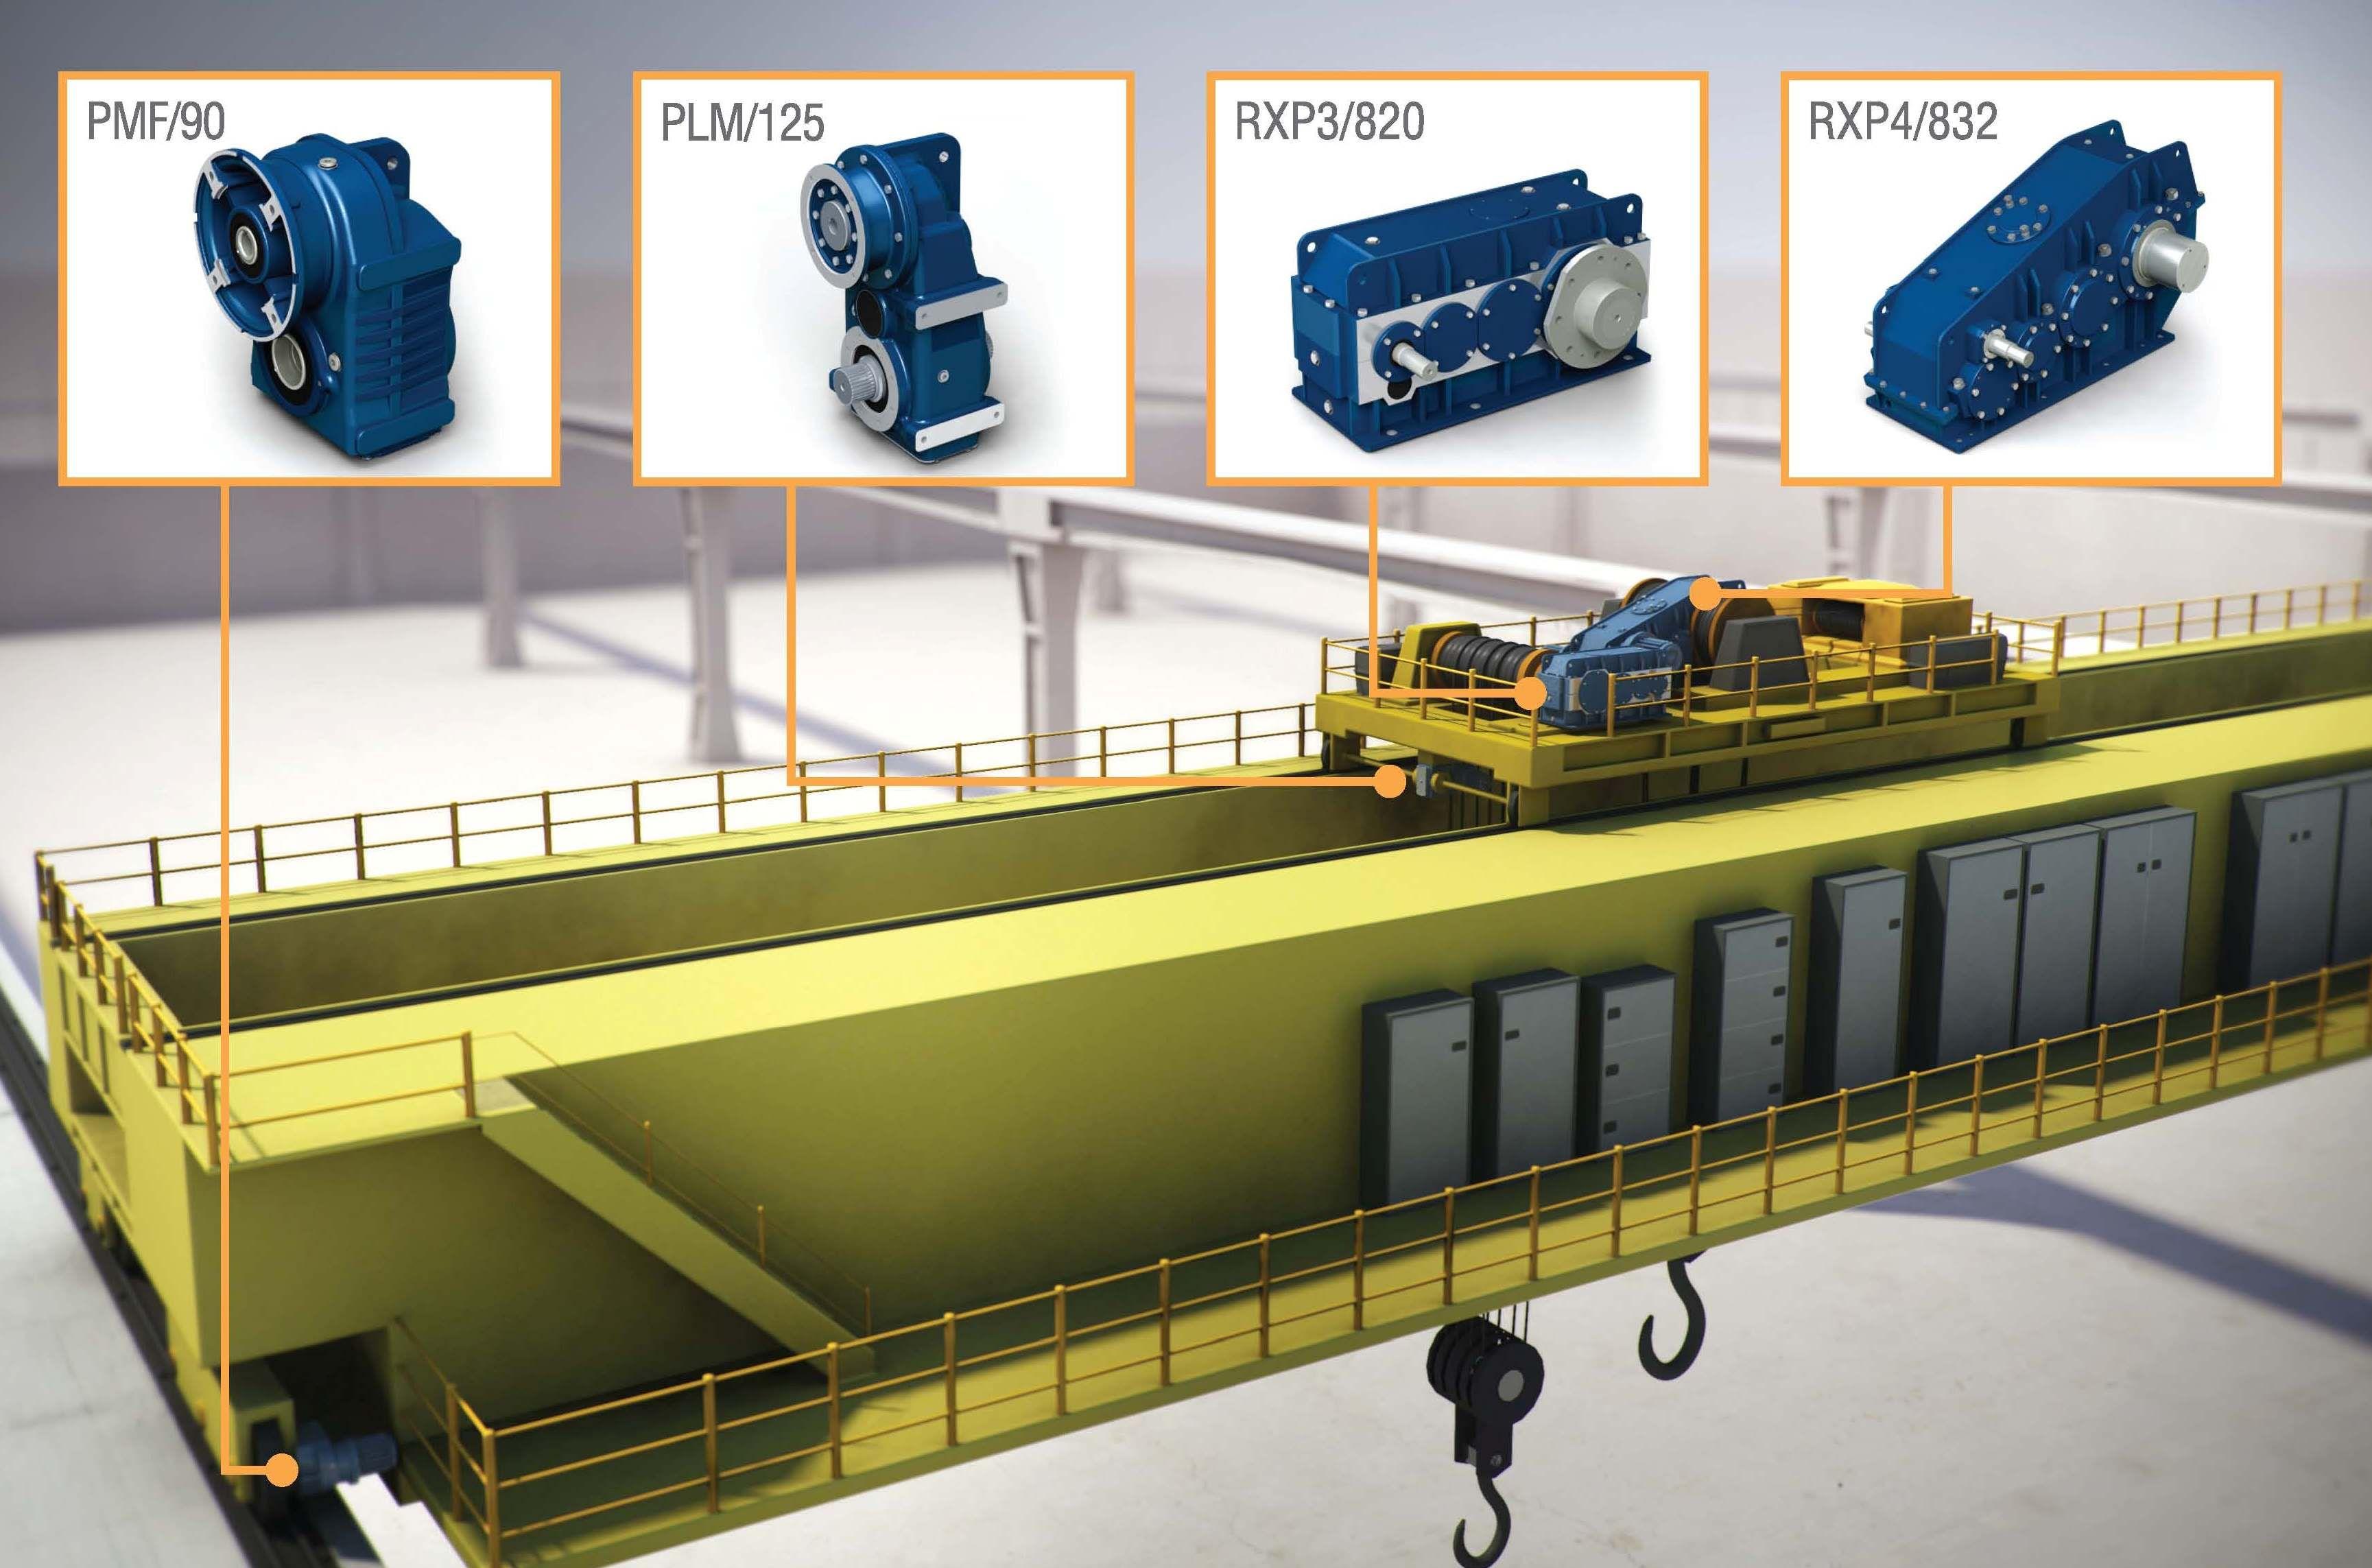 Maquinaria para el sector industrial. Maquinaria para elevación. Puentegrua.